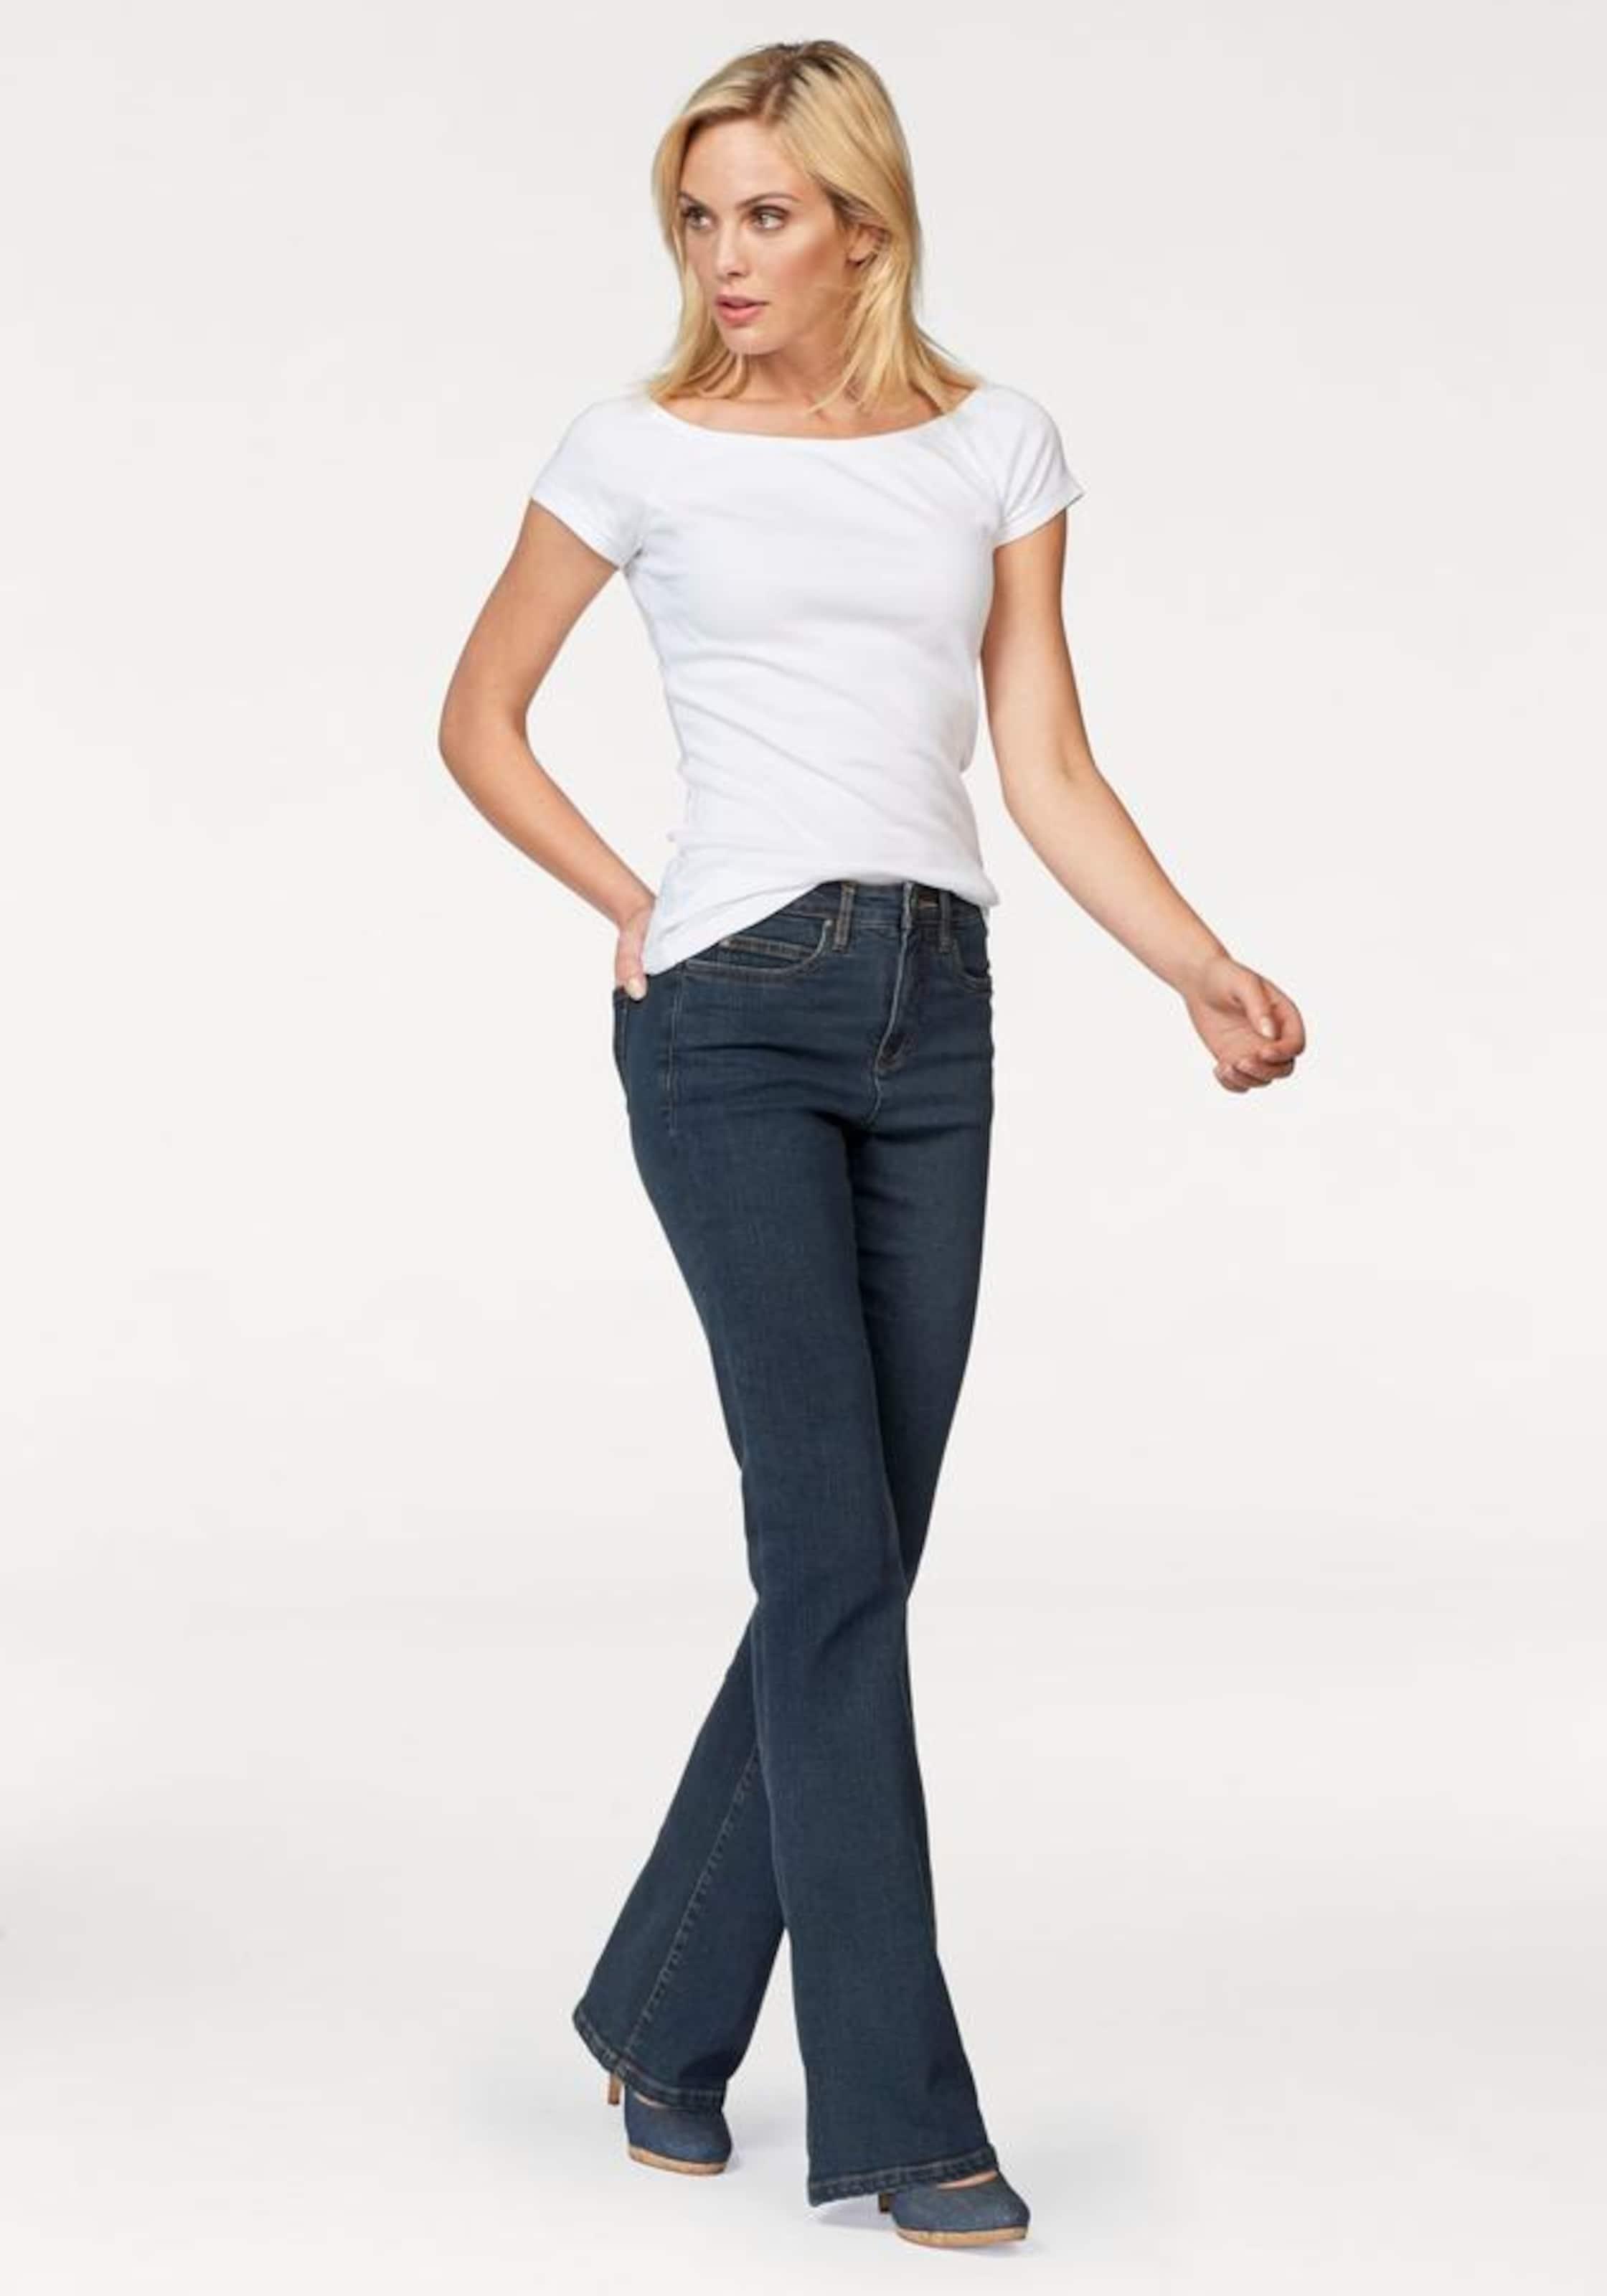 ARIZONA Bootcut-Jeans 'Comfort-Fit' Günstig Kaufen Websites Günstige Spielraum Store Freies Verschiffen Extrem F8Ml0C